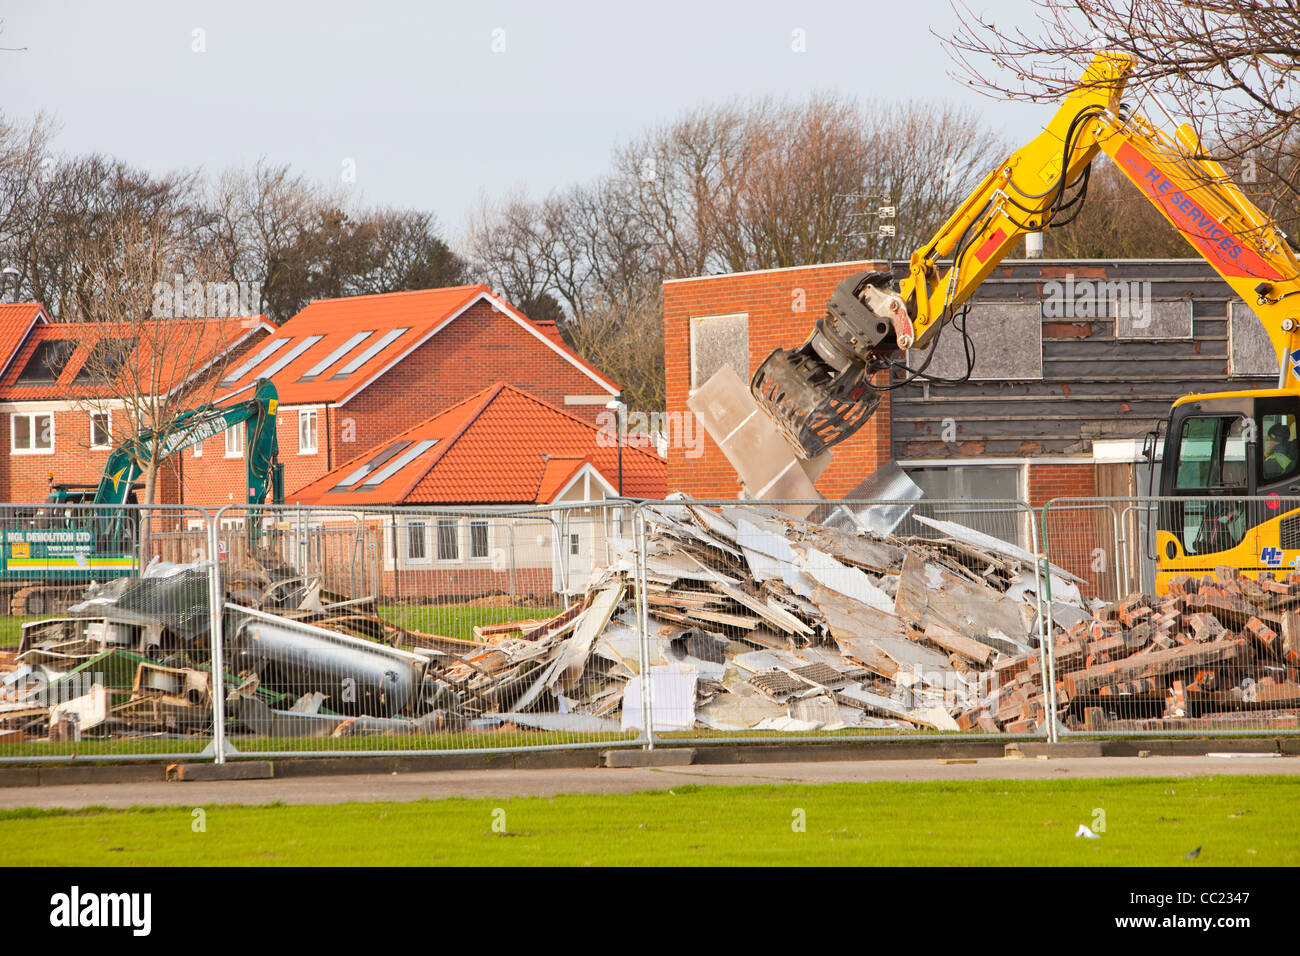 Verfallene Häuser am Stadtrand von Sunderland, UK, abgerissen, eine neue moderne effiziente grünen Wohnsiedlung Stockbild